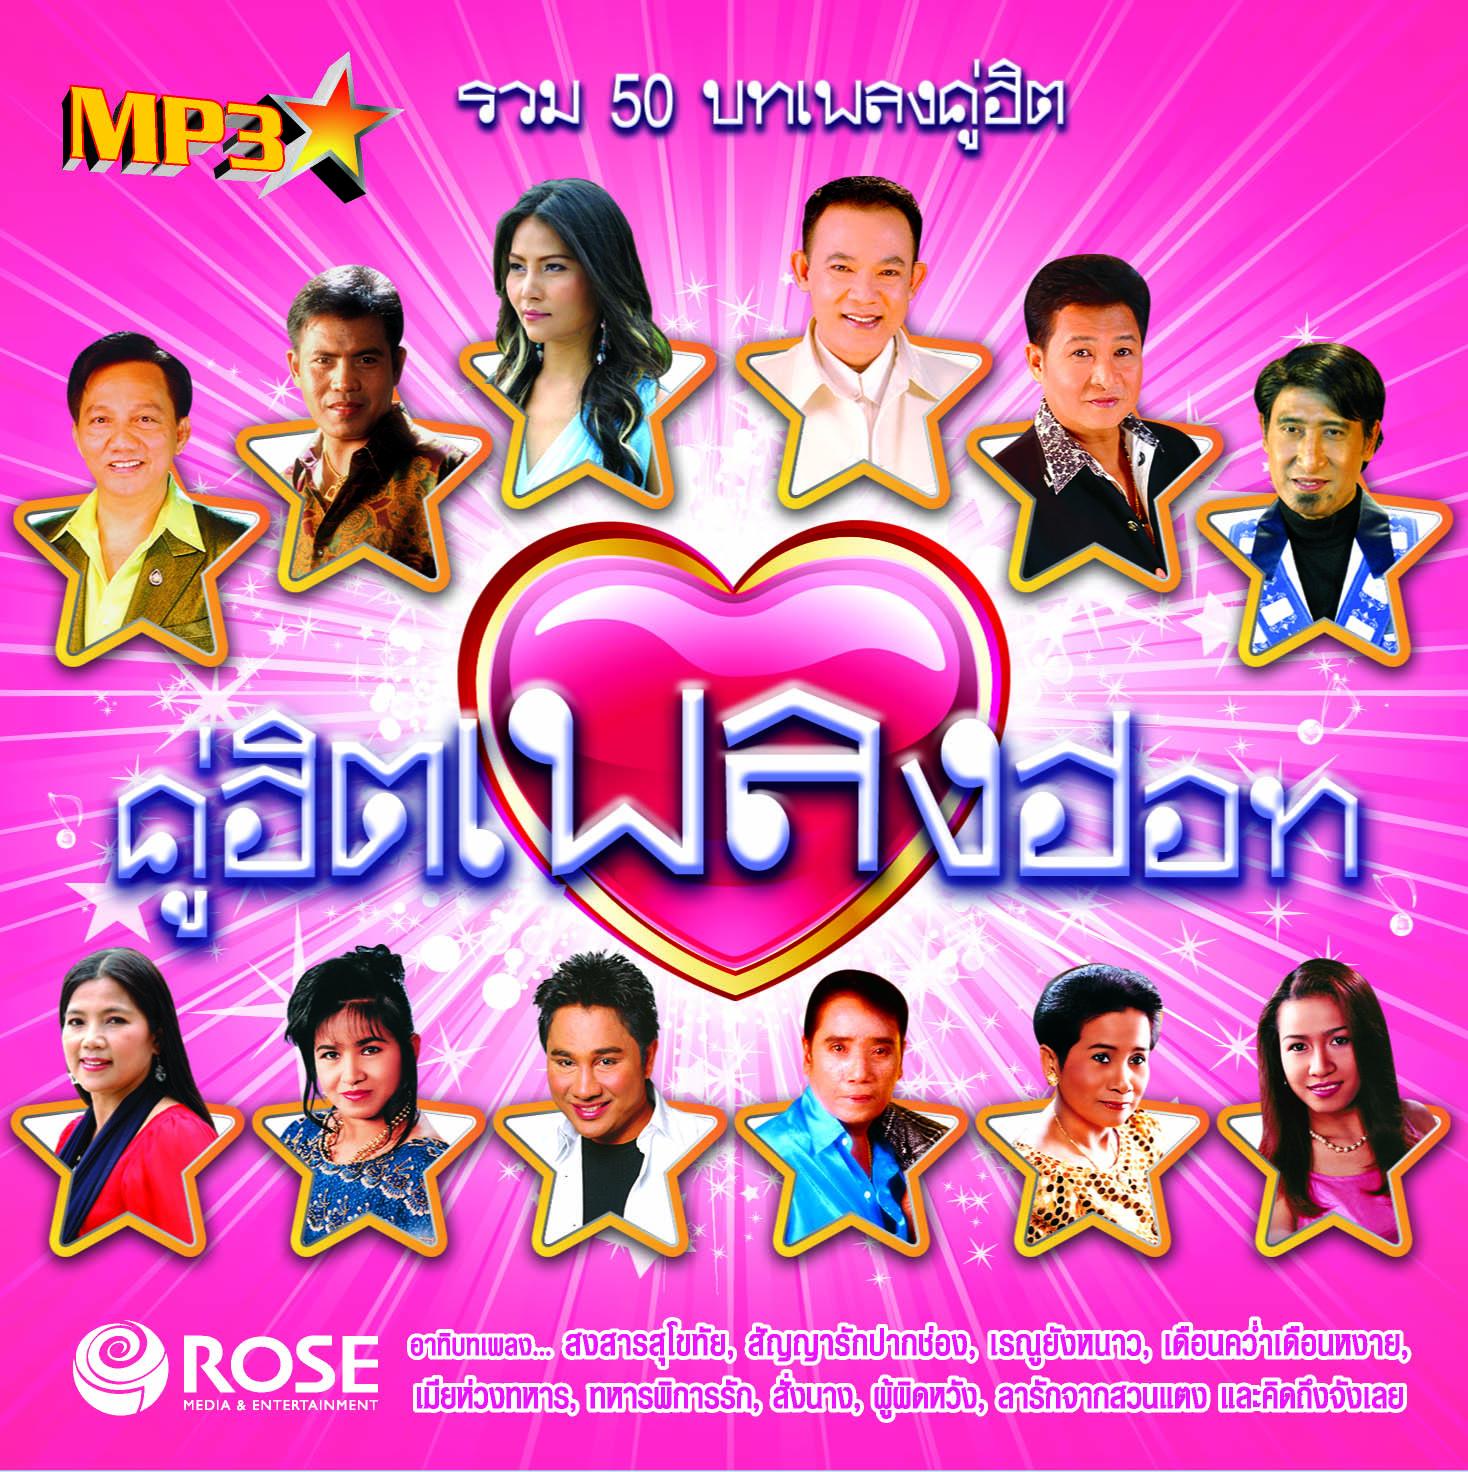 MP3 คู่ฮิตเพลงฮอท (สุนารี ยอดรัก ขนิษฐา น้ำอ้อย ไพจิตร ศรเพชร สดใส เสรี สัญญา เอกชัย)